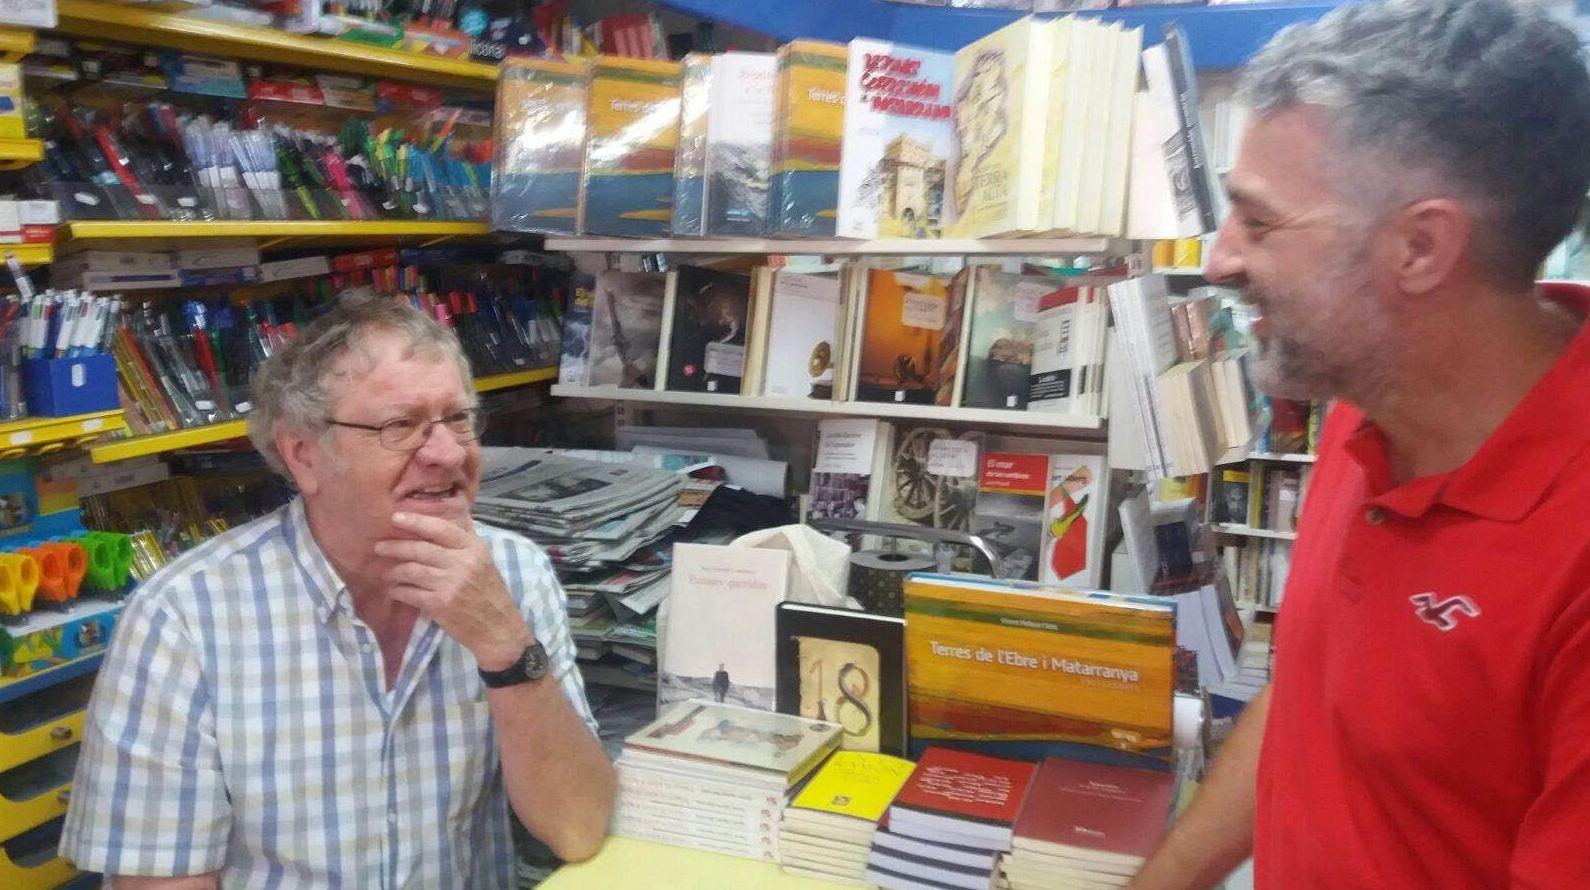 Ian Gibson & Francesc Miralles en Serret en Liberia Serret en Teruel